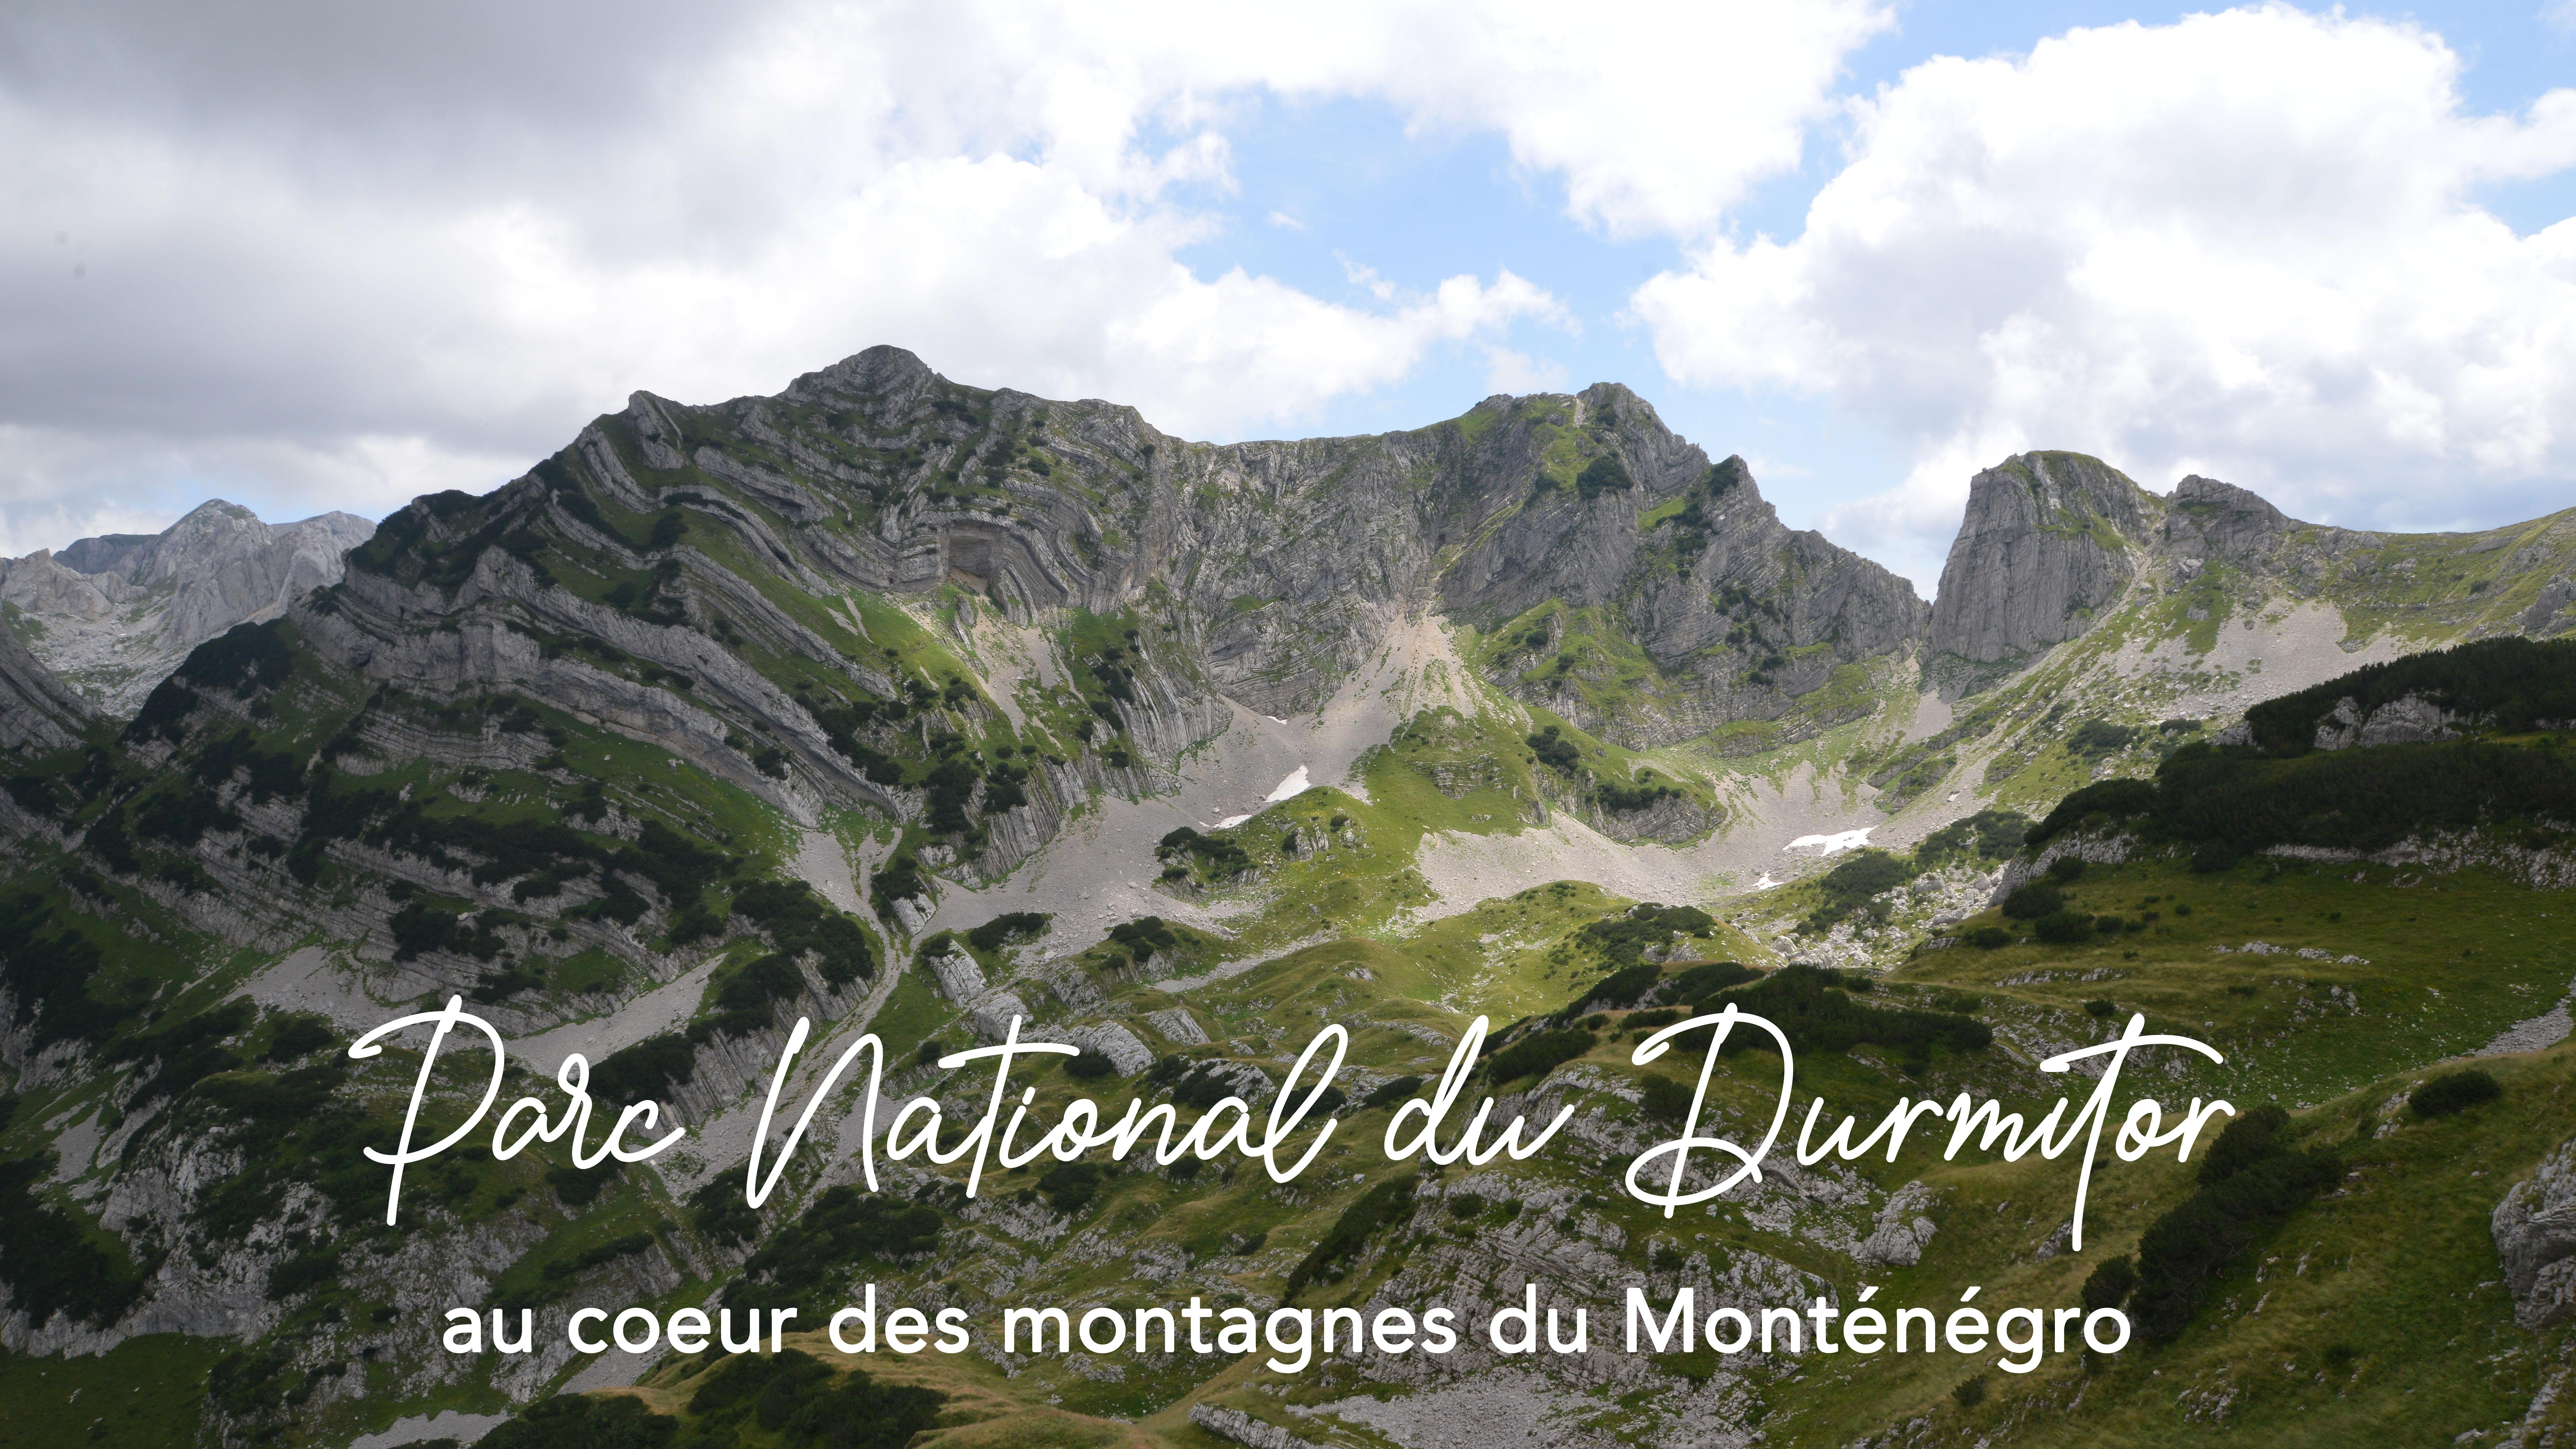 Visiter le Parc National du Durmitor